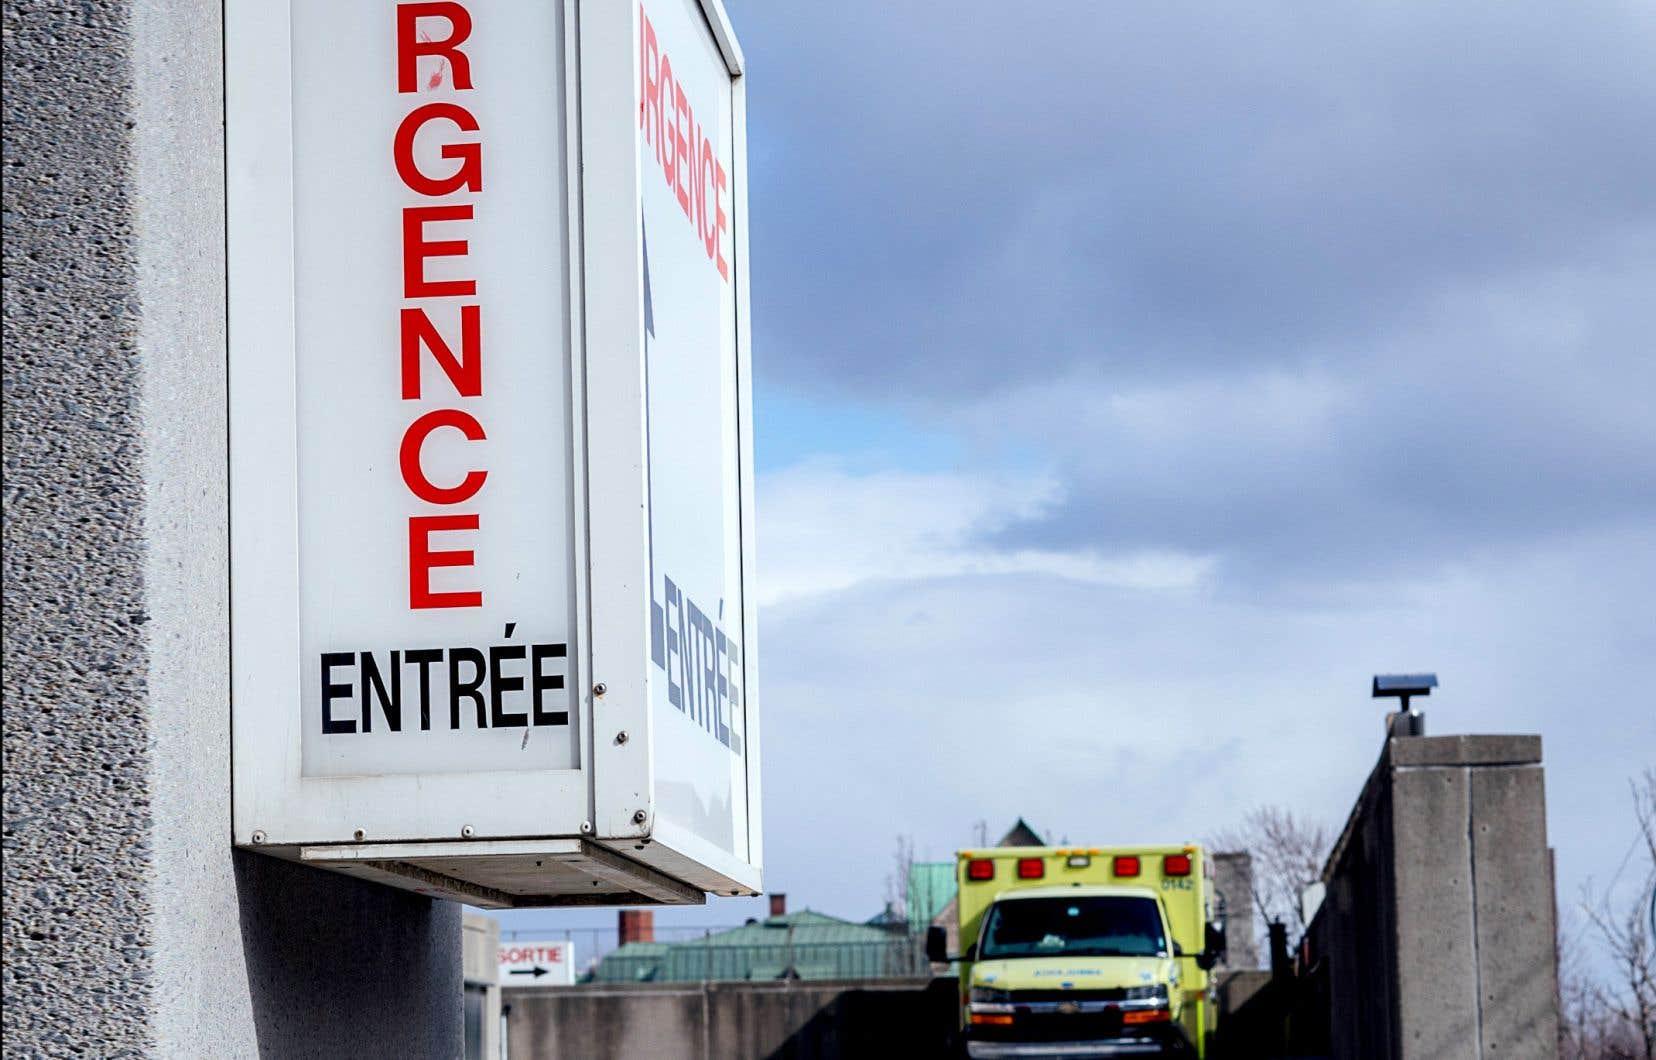 <p>À Montréal, l'achalandage des salles d'urgence est élevé à l'Hôpital LaSalle, à l'Hôpital général du Lakeshore, à l'Hôpital Maisonneuve-Rosemont, à l'Hôpital général juif, à l'Hôpital de Verdun et à l'Hôpital du Sacré-Coeur.</p>